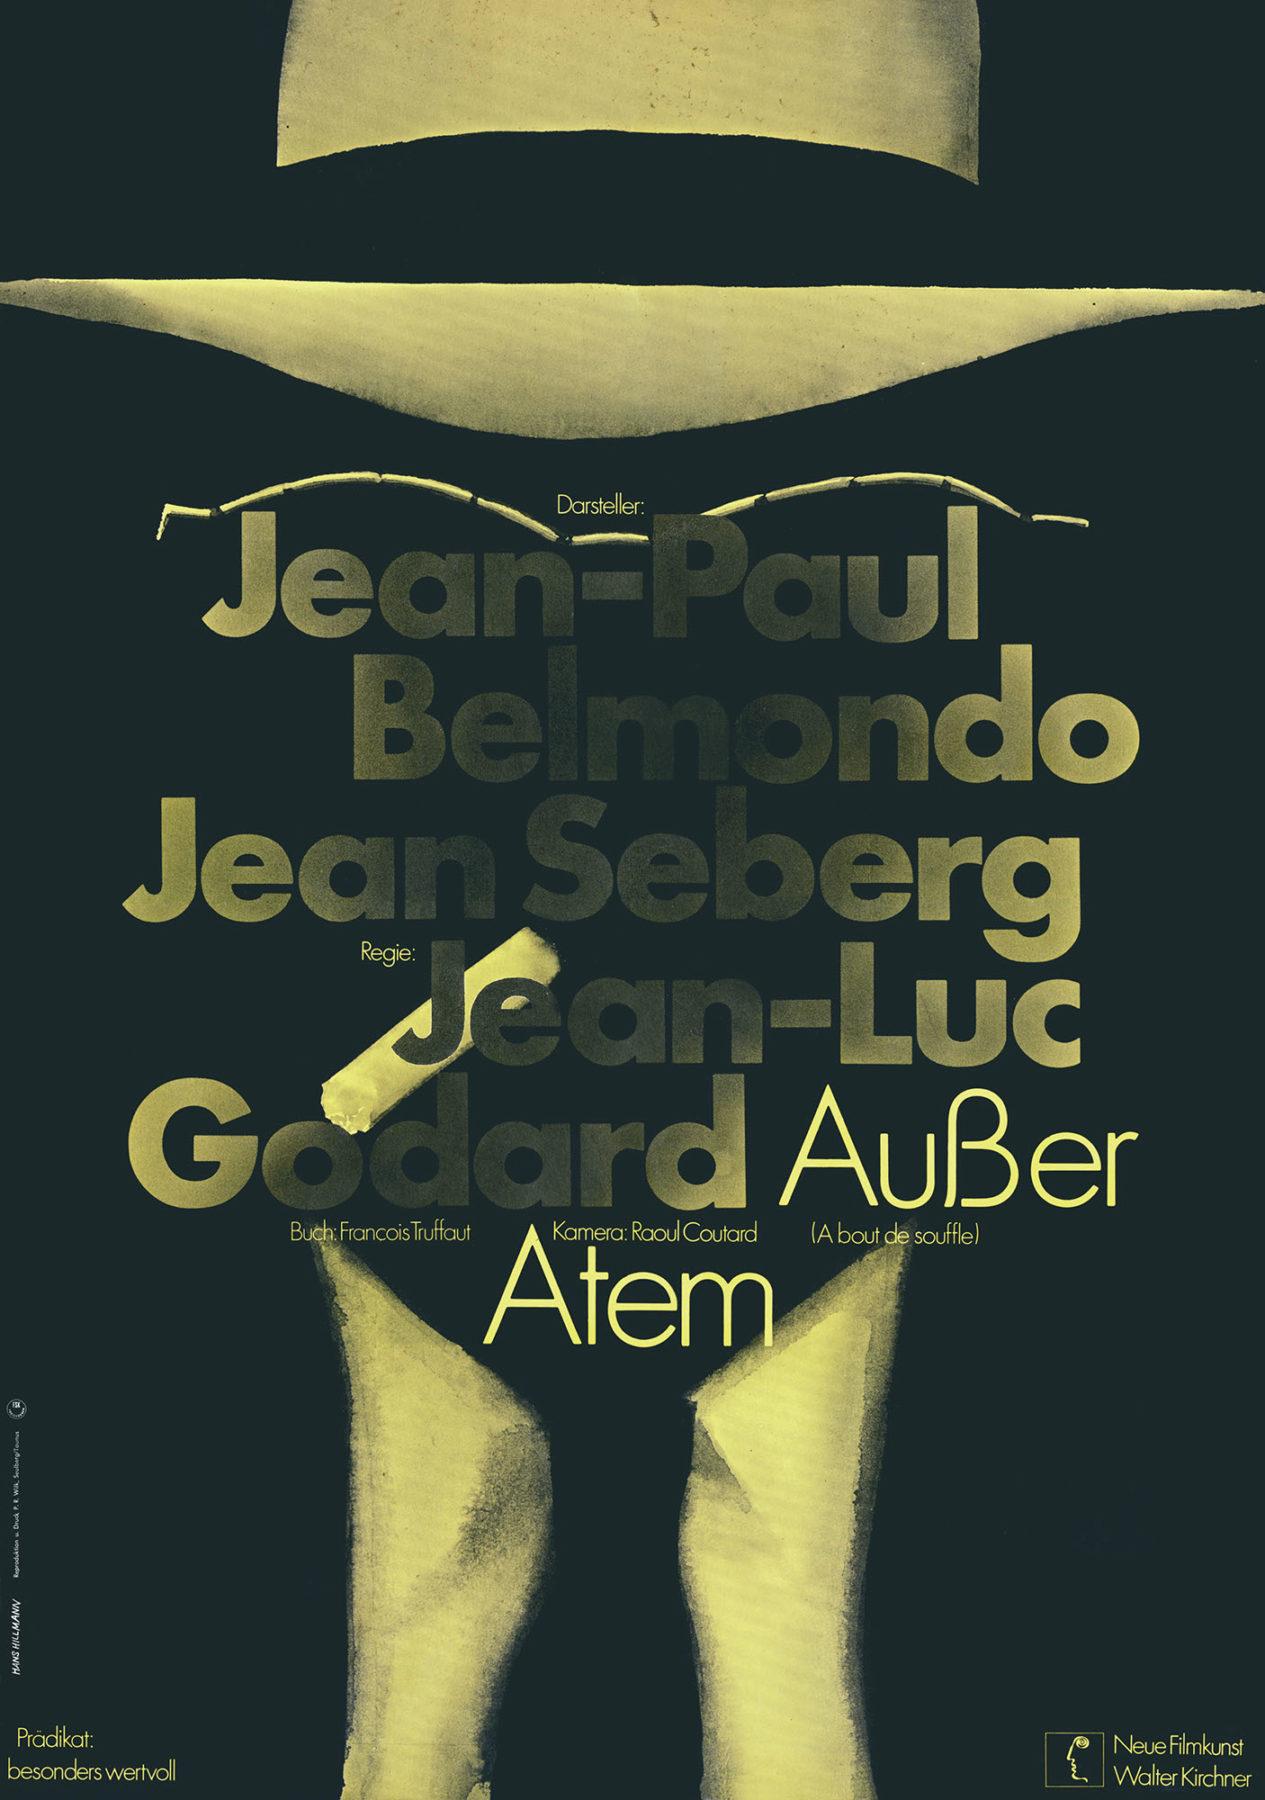 Hillmann 1968 Ausser Atem Neue Filmkunst Walter Kirchner Plakat A1